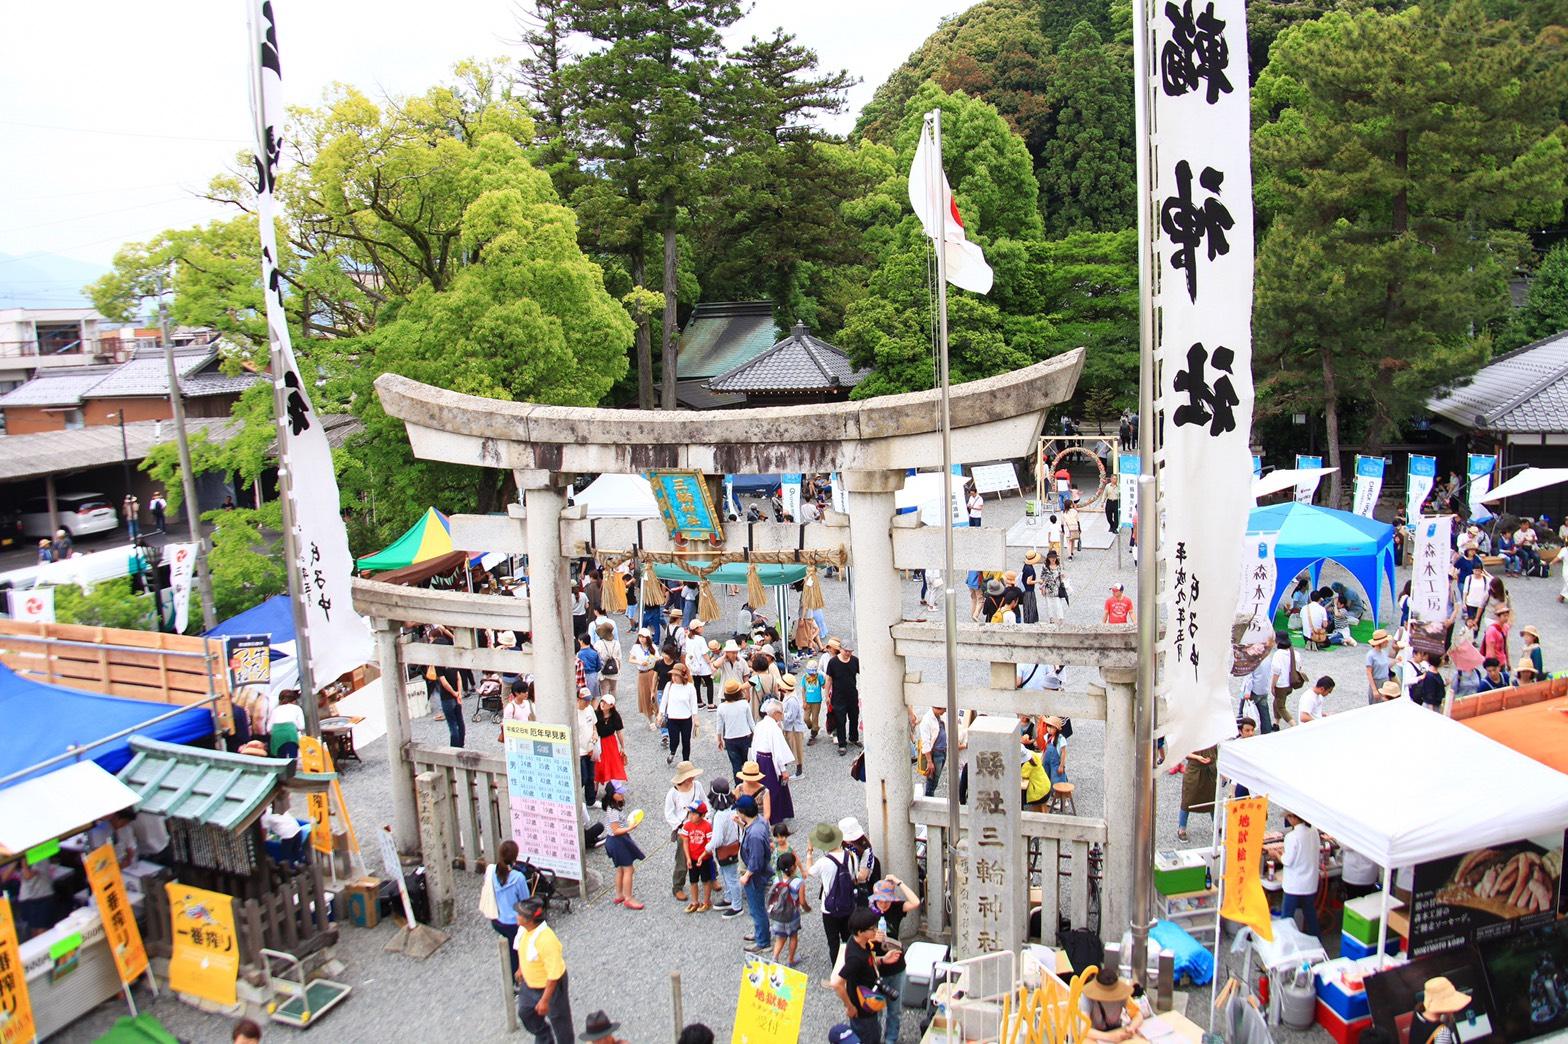 音楽、出店、アート、自然を満喫!『揖斐川ワンダーピクニック』が5月21日開催 - img 125161 3